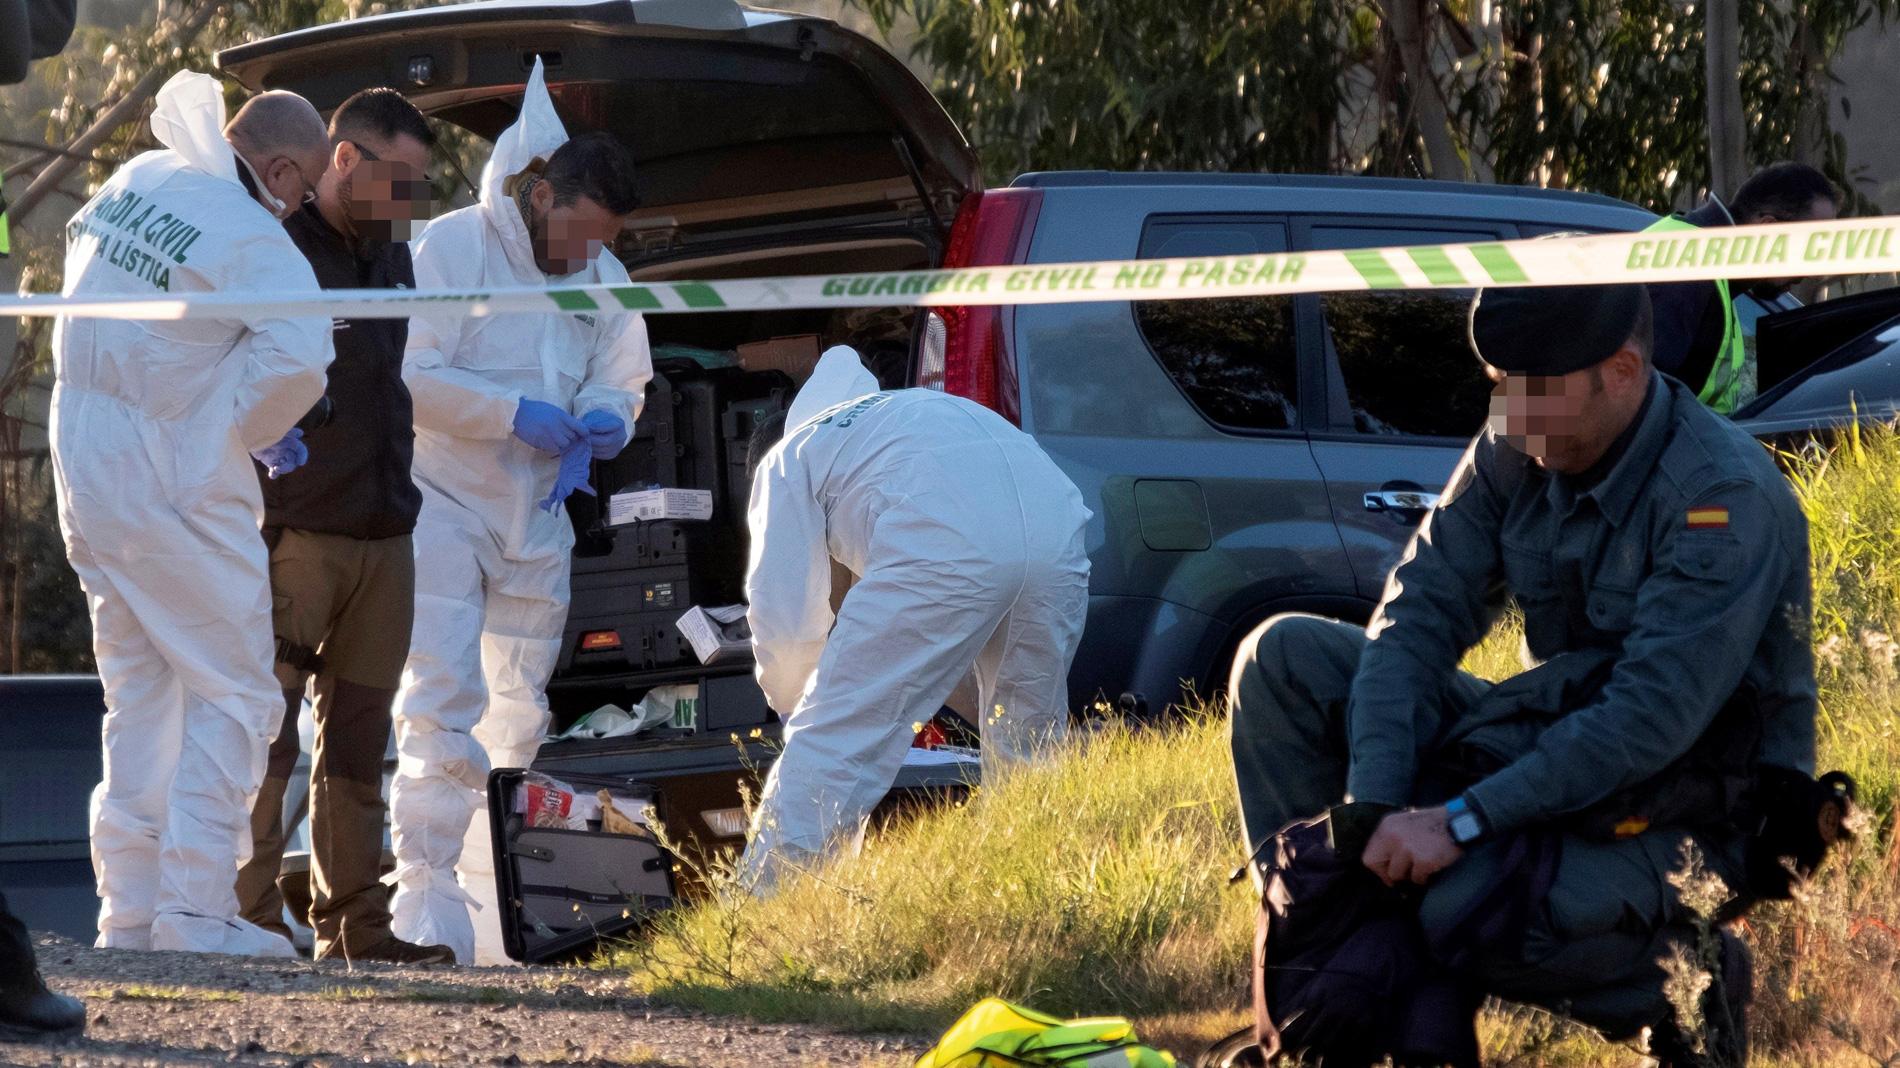 Hallan el cadáver de la profesora desaparecida en Huelva tras cinco días de búsqueda